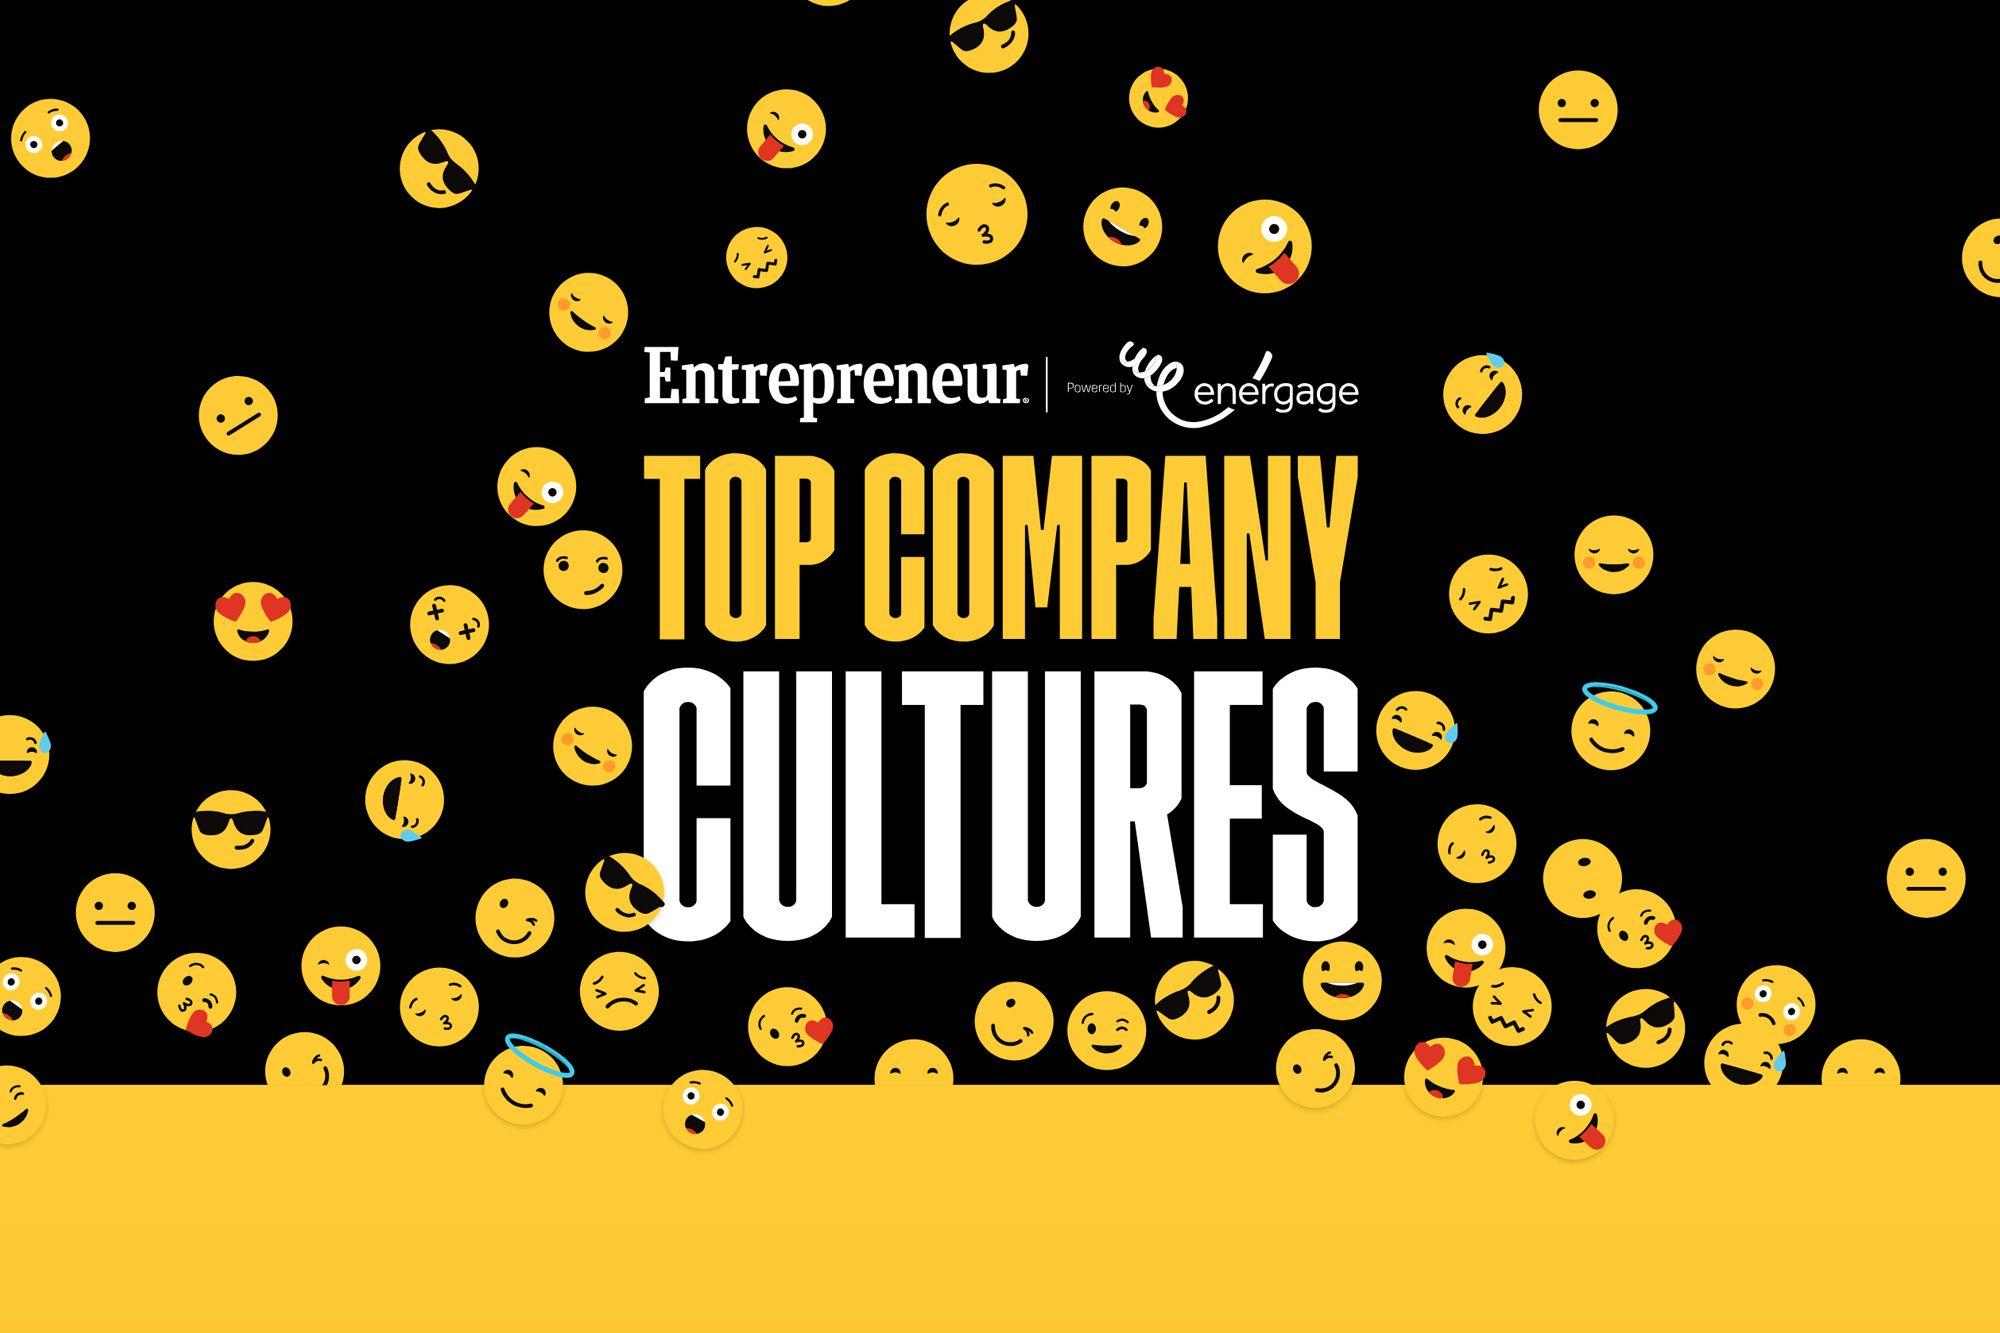 20180917221839-top-company-cultures